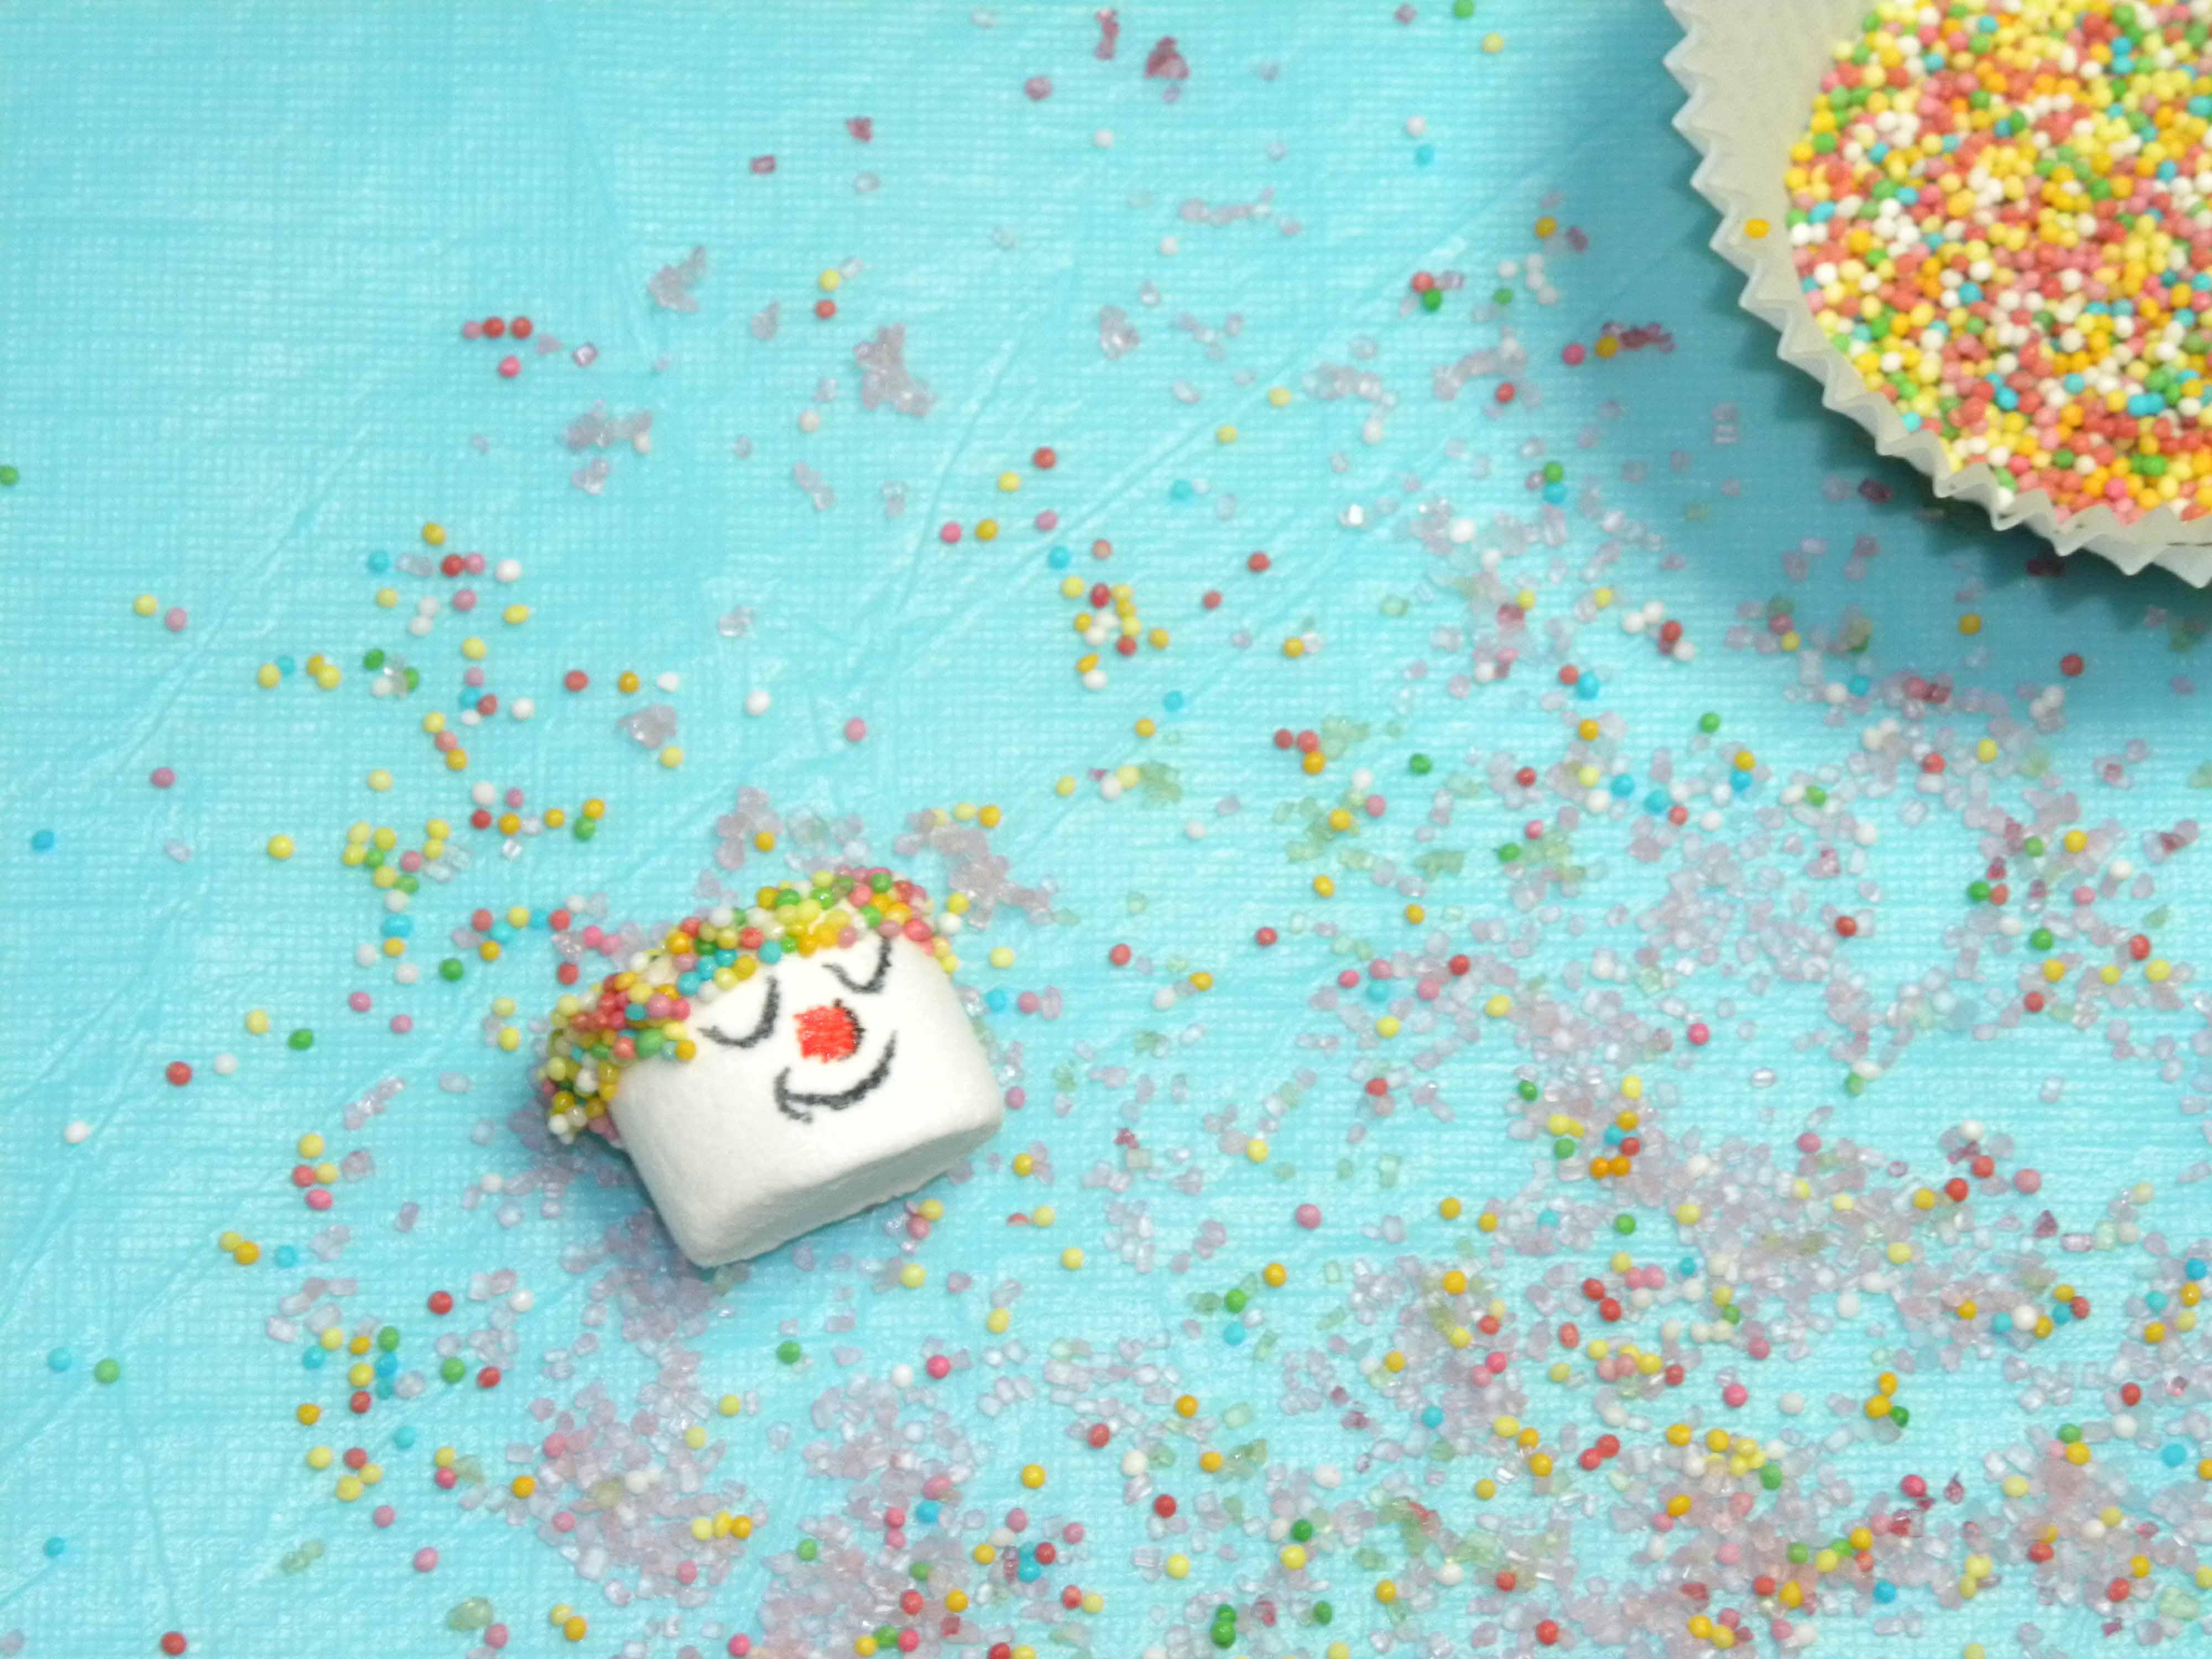 Immergere la Testa dei Clowns nello Zucchero Colorato